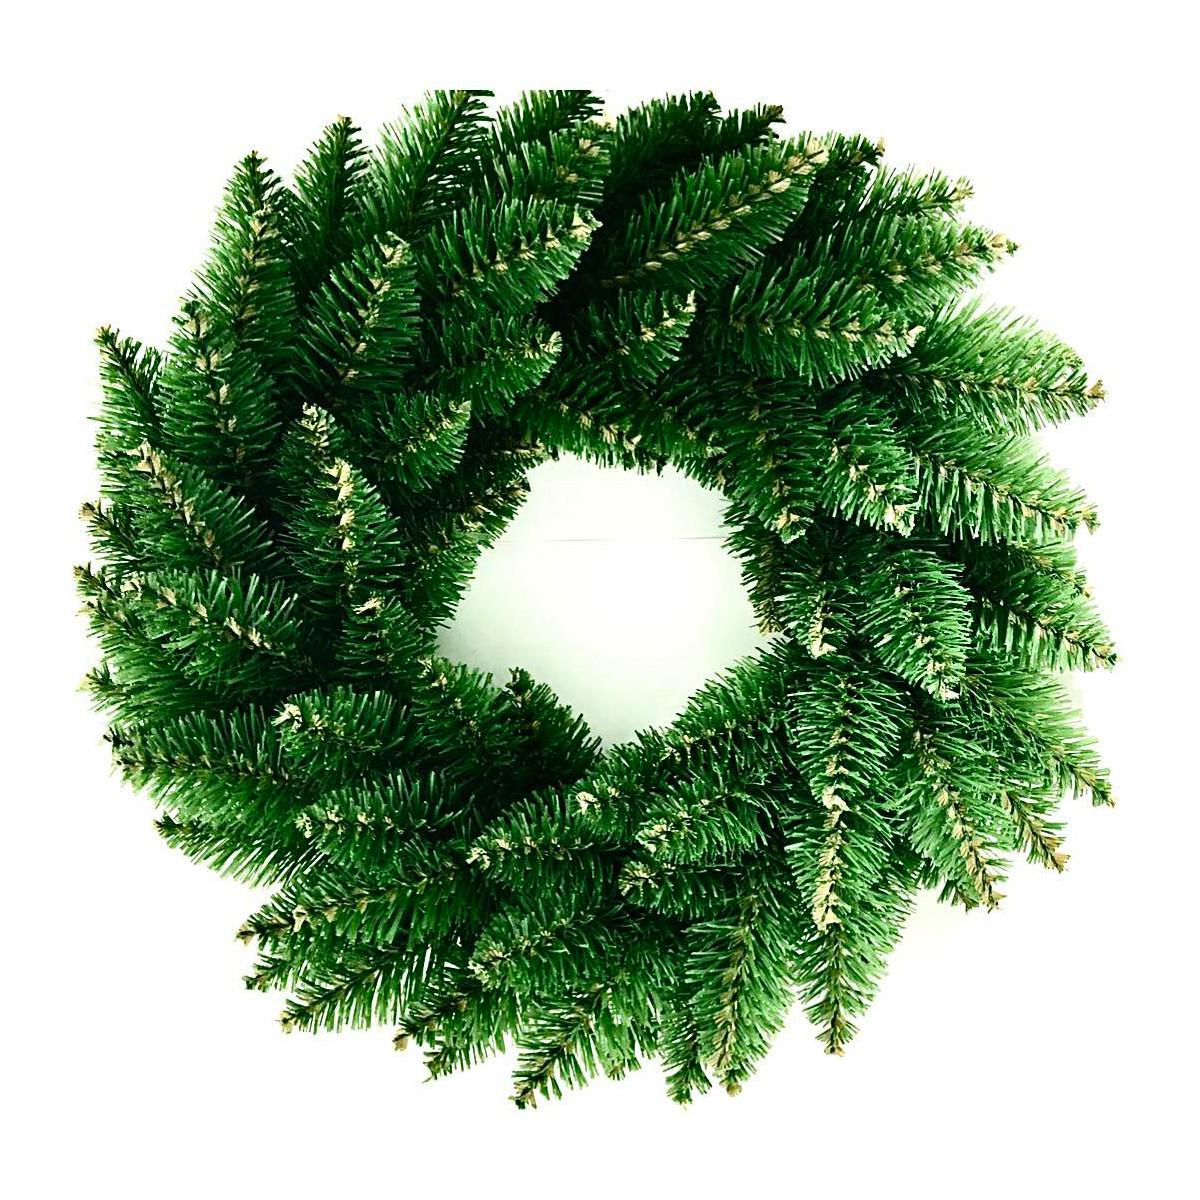 Венок новогодний рождественский Elegant из искусственной хвои (зелёный, Ø 60 см)